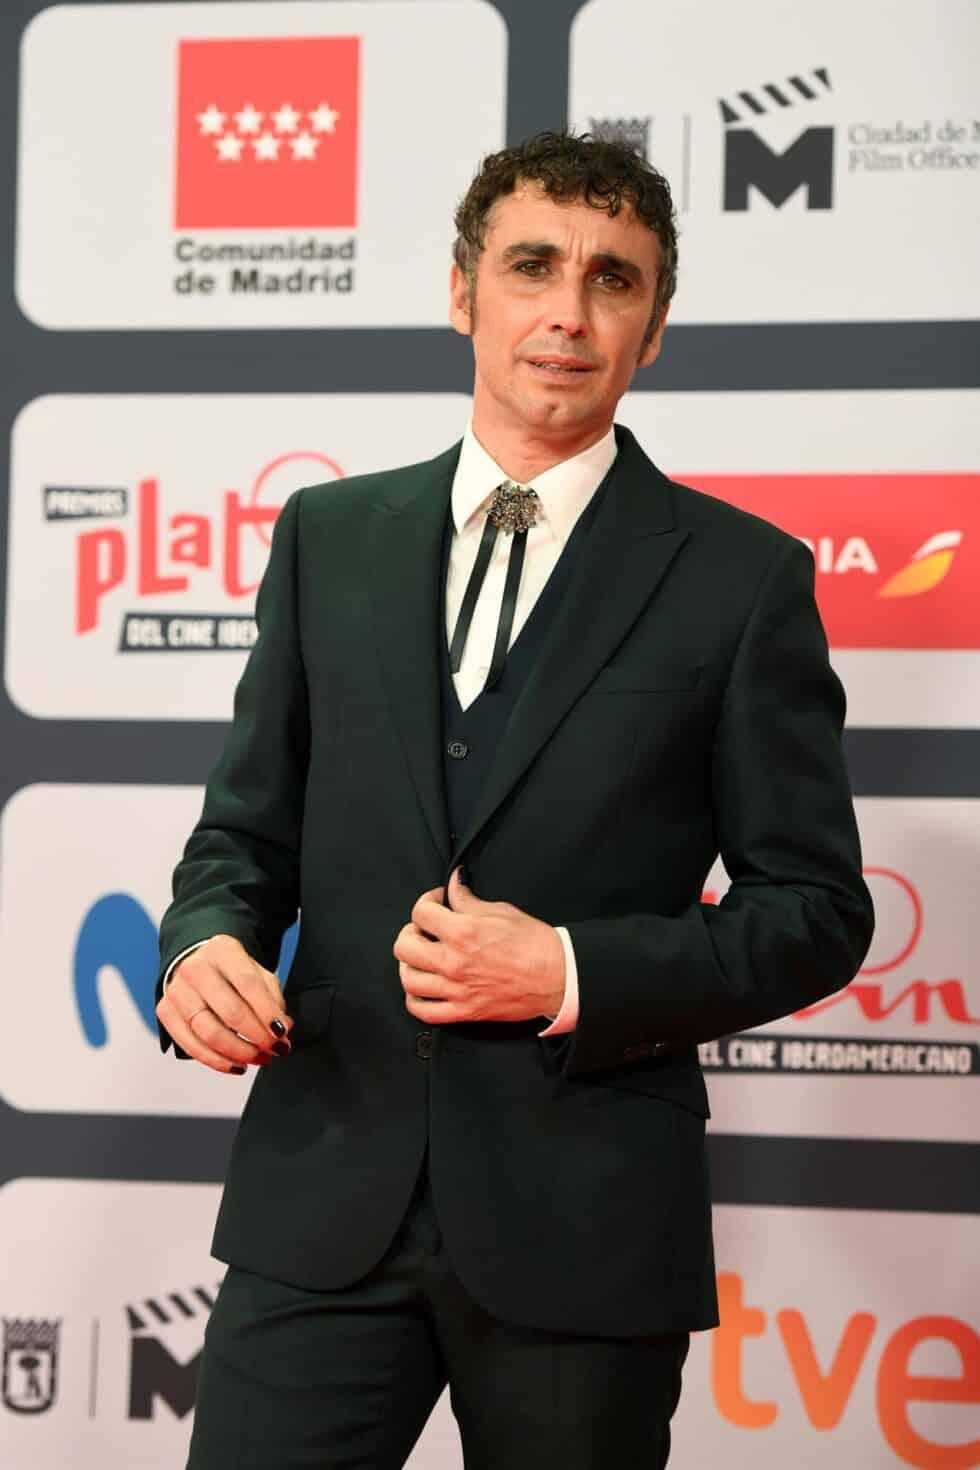 El actor Cacop Rodríguez, a su llegada a la ceremonia de entrega de los Premios Platino del Cine y el Audiovisual Iberoamericano que se celebra este domingo en Madrid